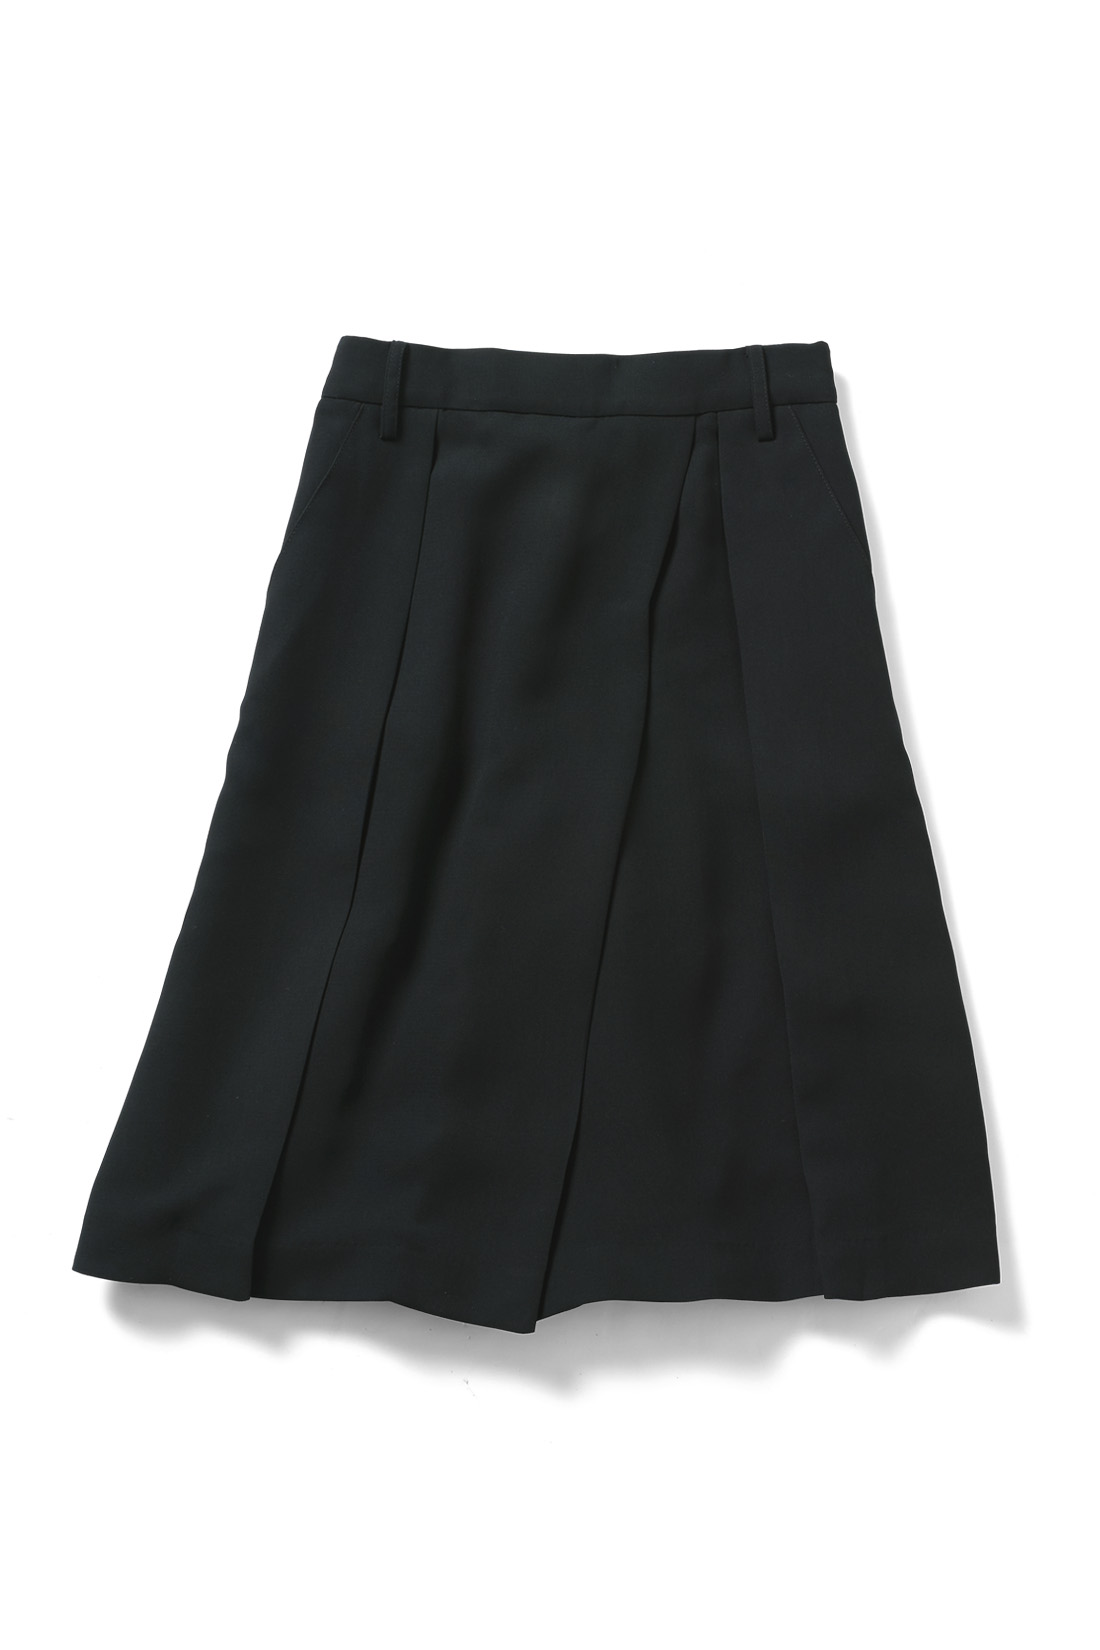 アシメトリーのラップスカート風タックが旬顔。フロントウエストはベルト仕様でウエストインもすっきりきれい。